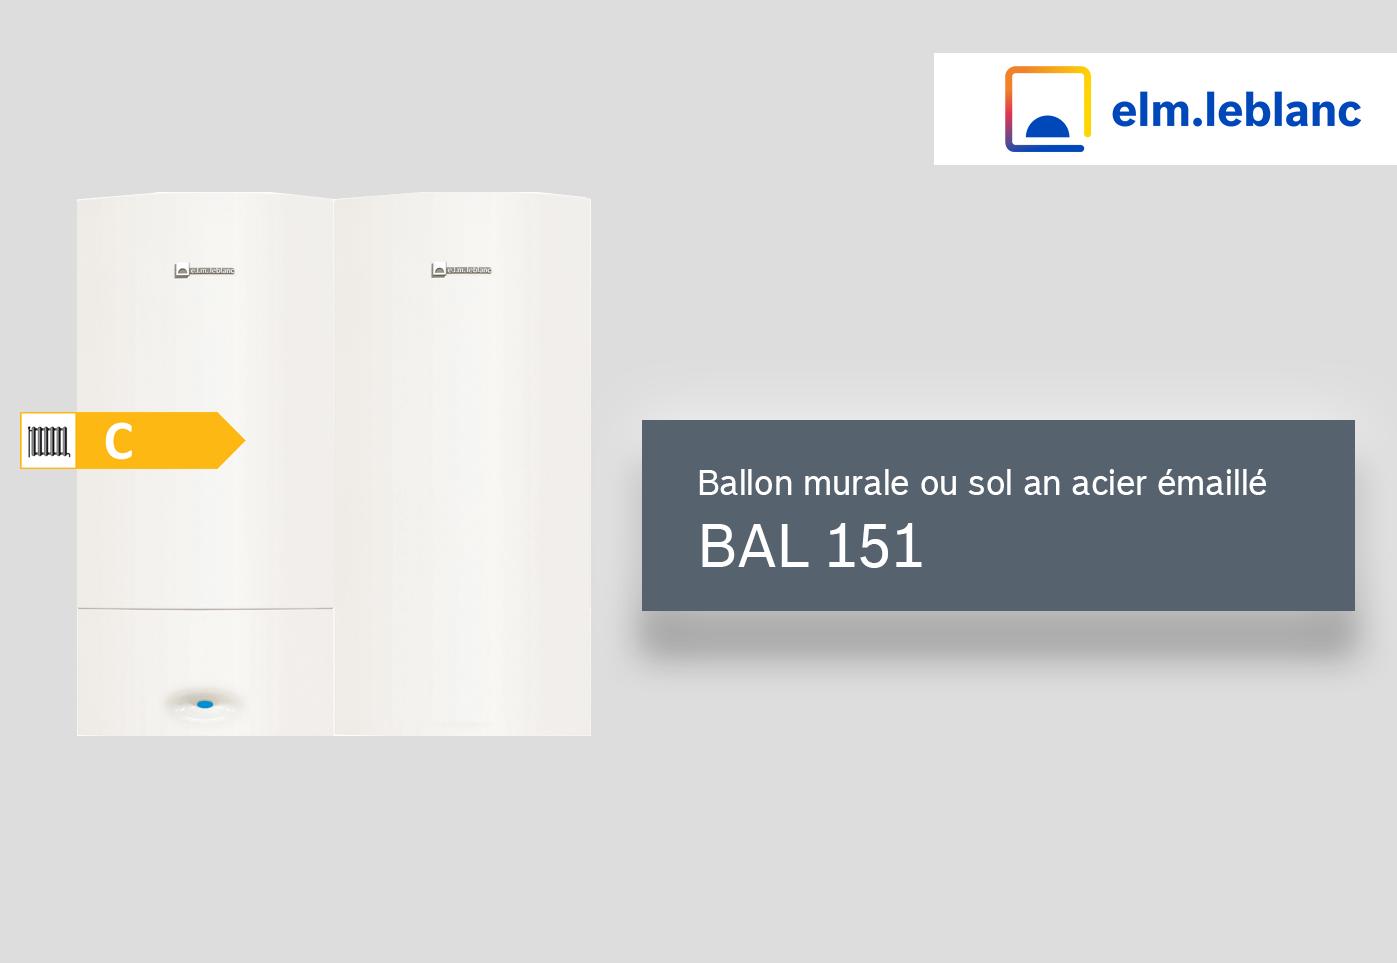 BAL 151